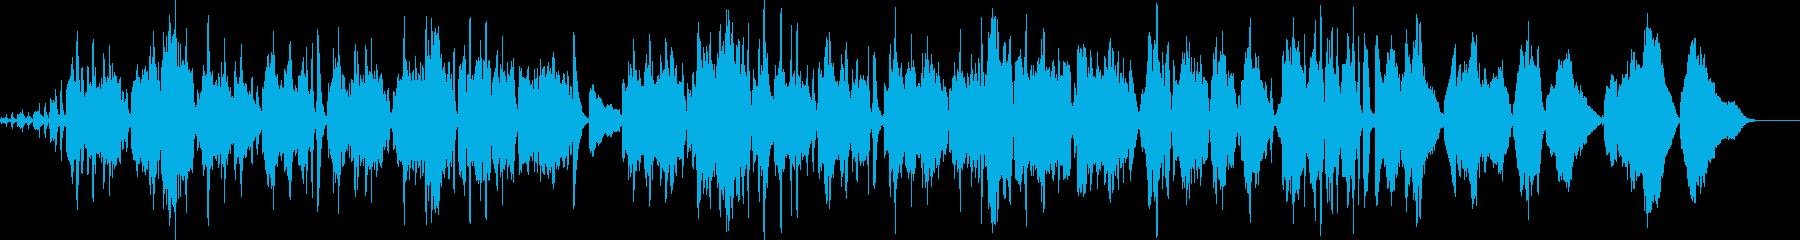 生アコーディオンで奏でるおしゃれなワルツの再生済みの波形